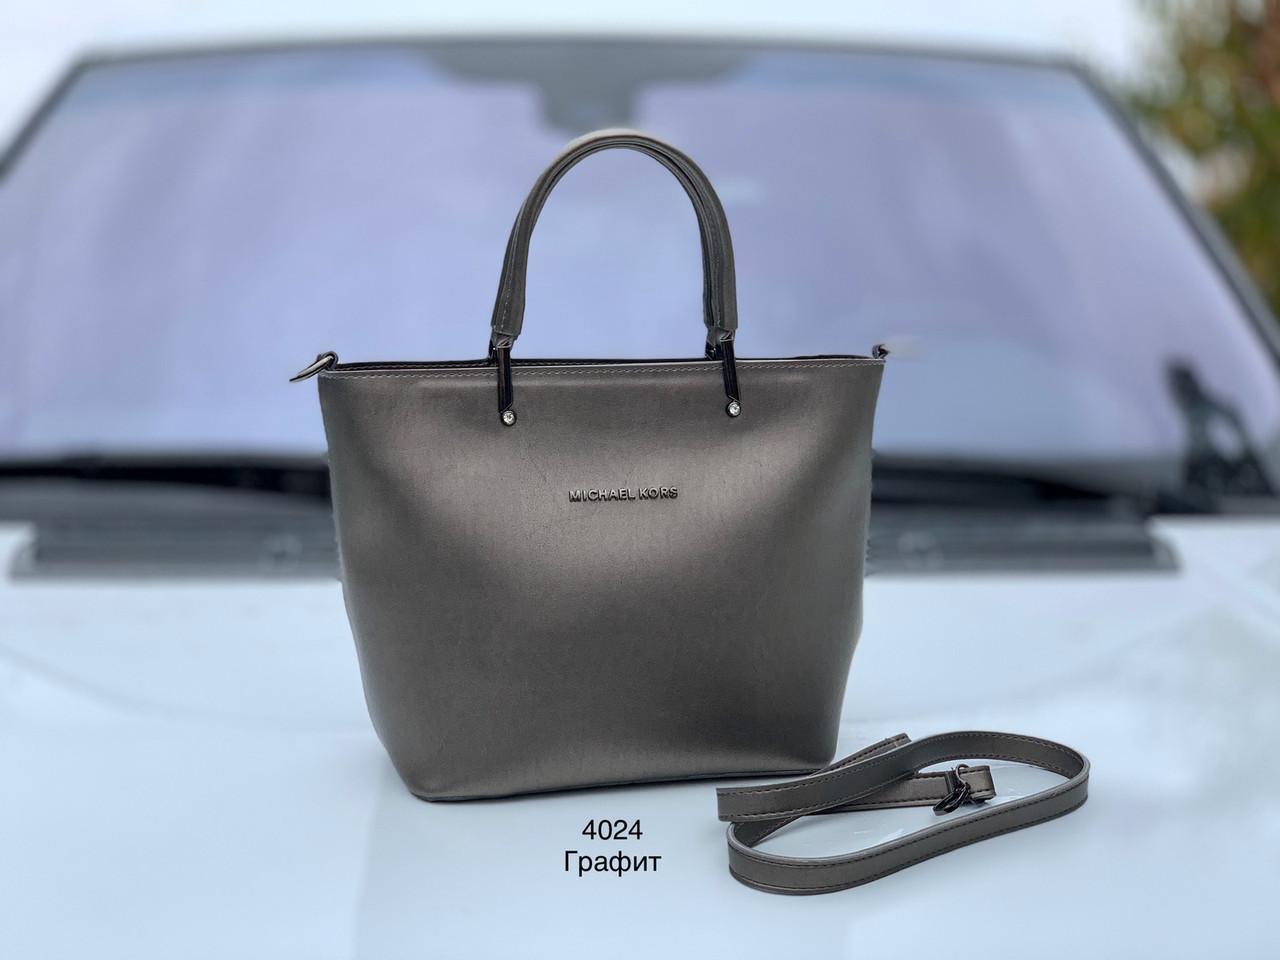 Женская серебристая сумка на плечо вместительная классическая деловая графит экокожа